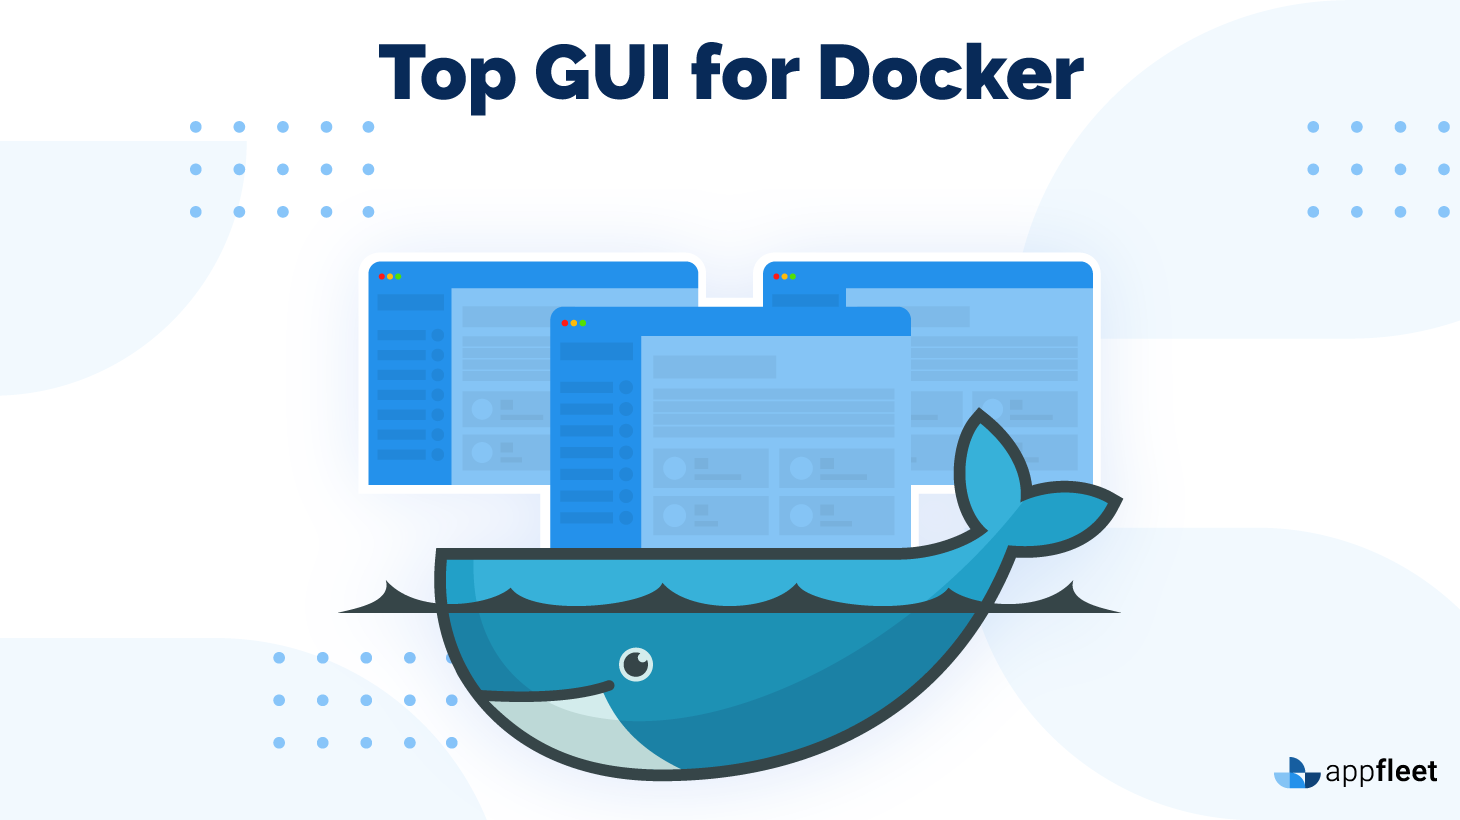 Top GUI for Docker